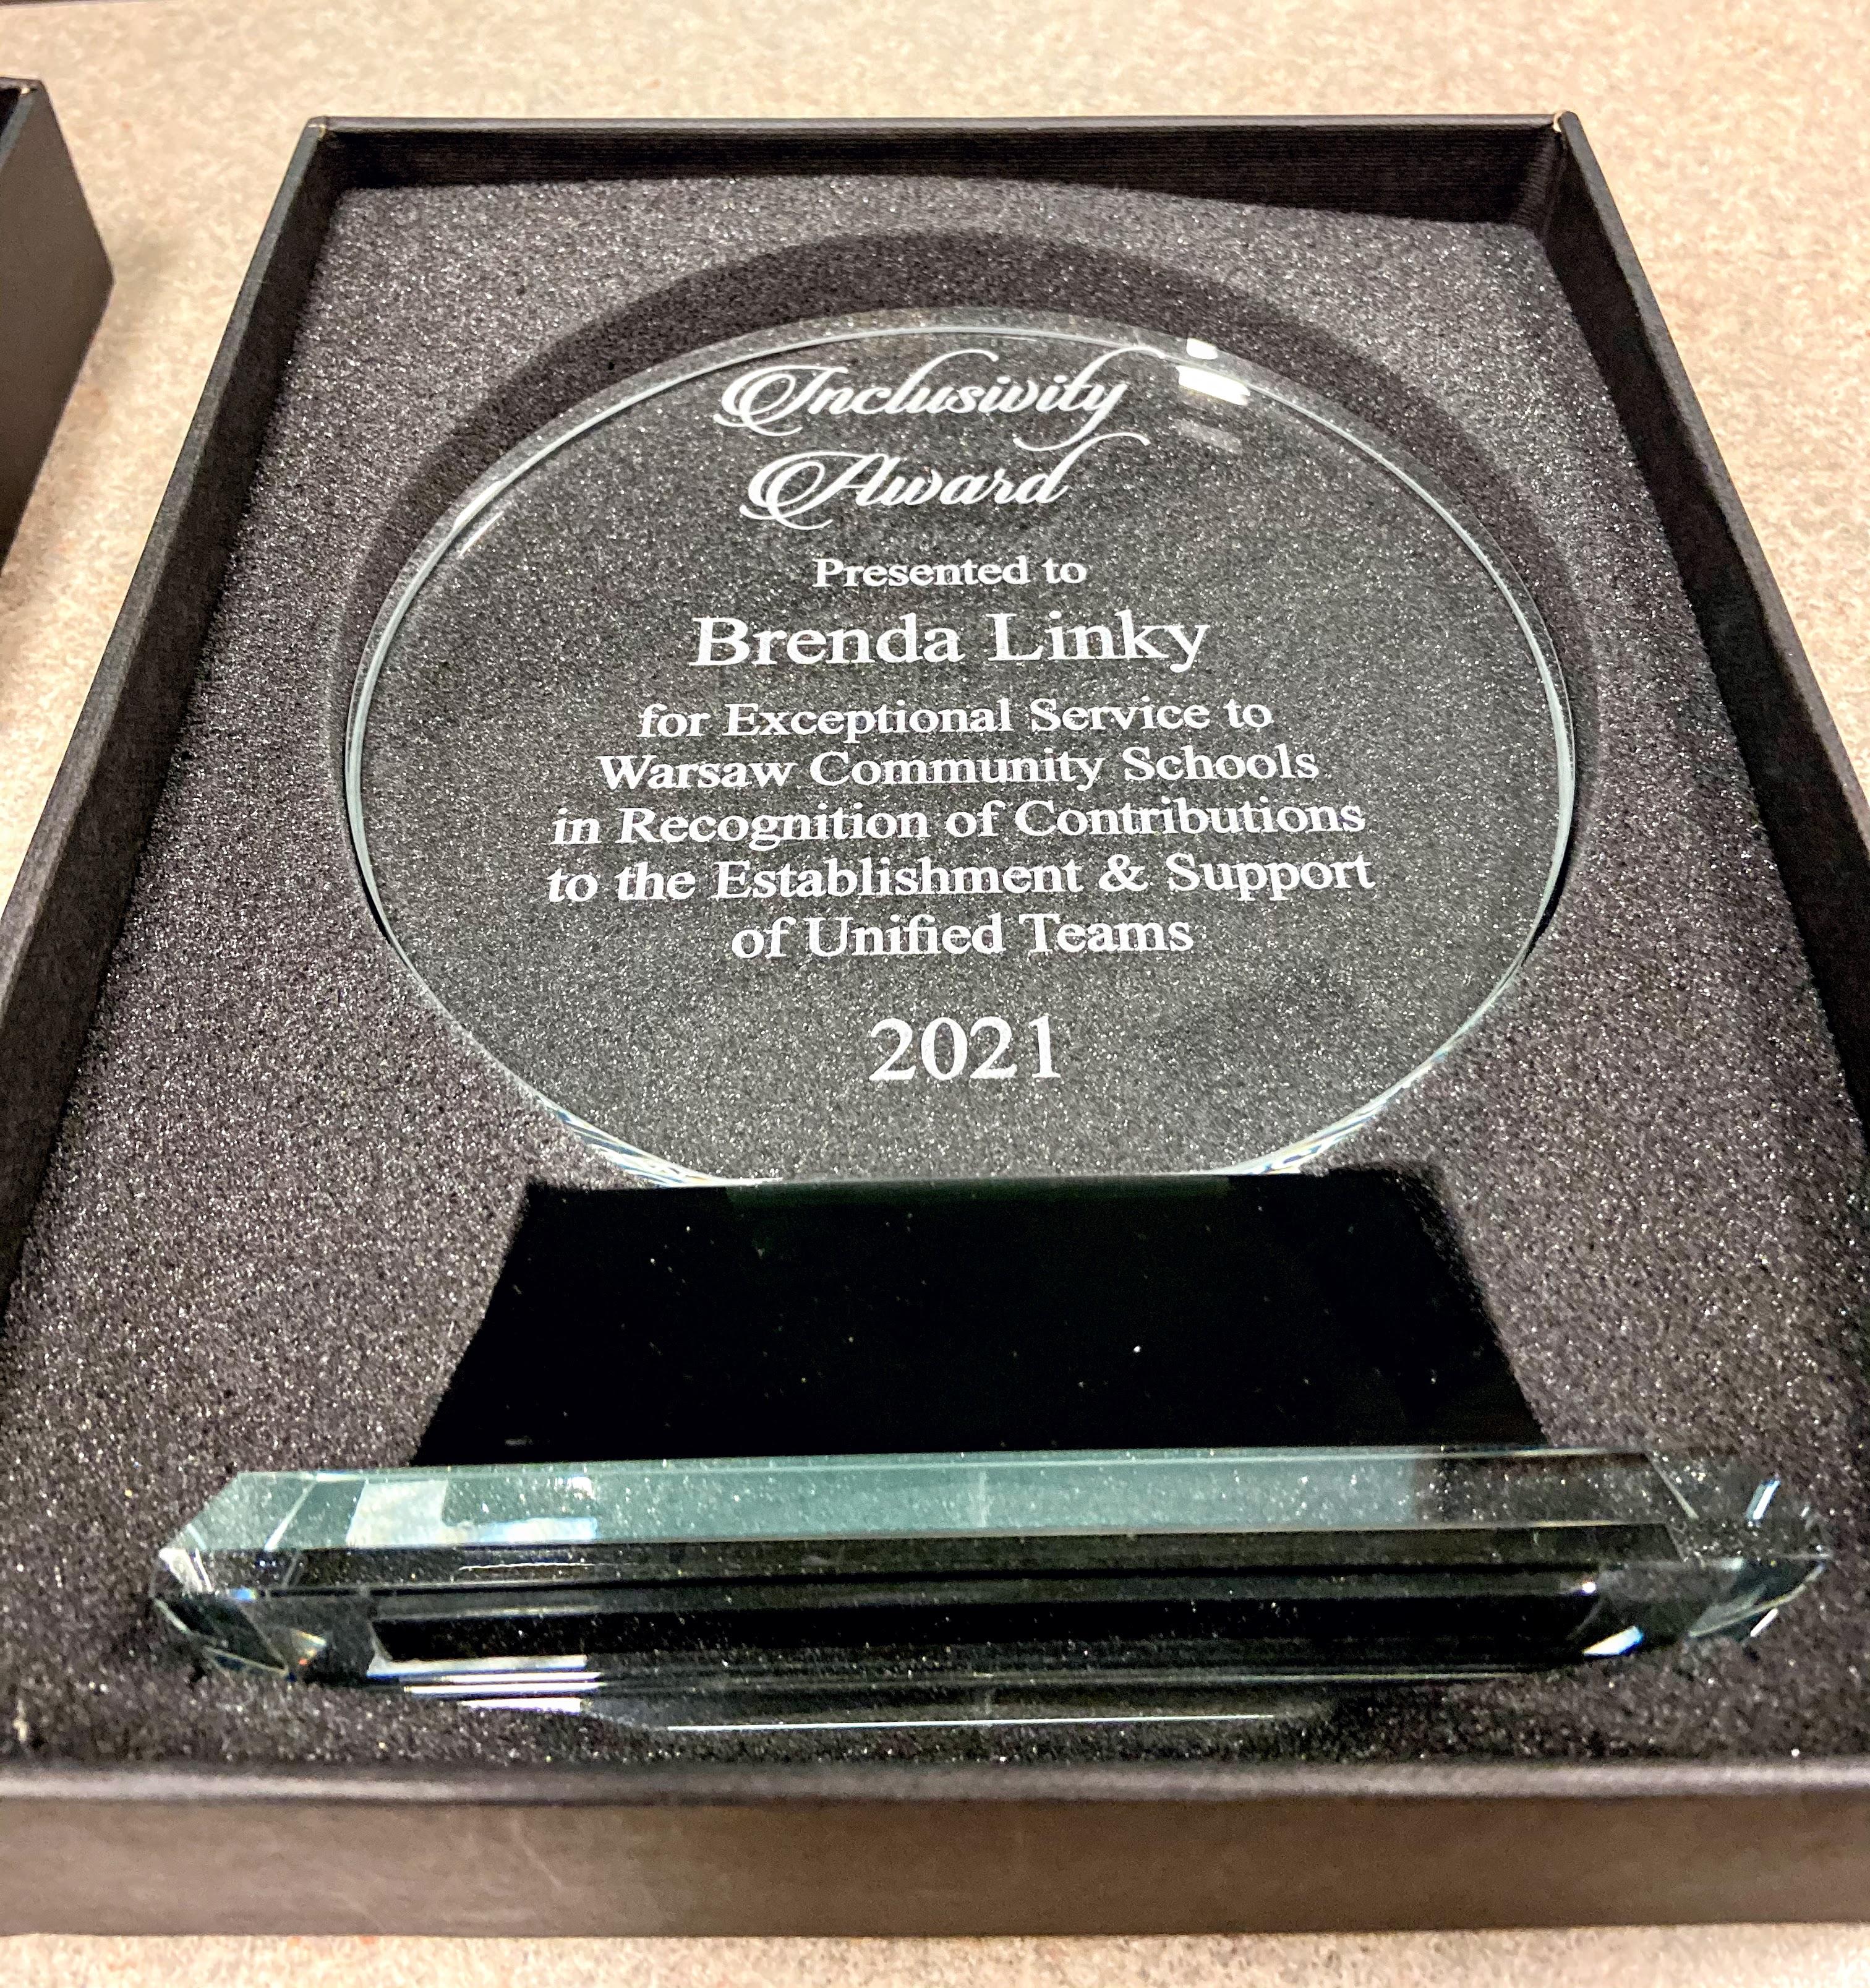 Brenda Linky